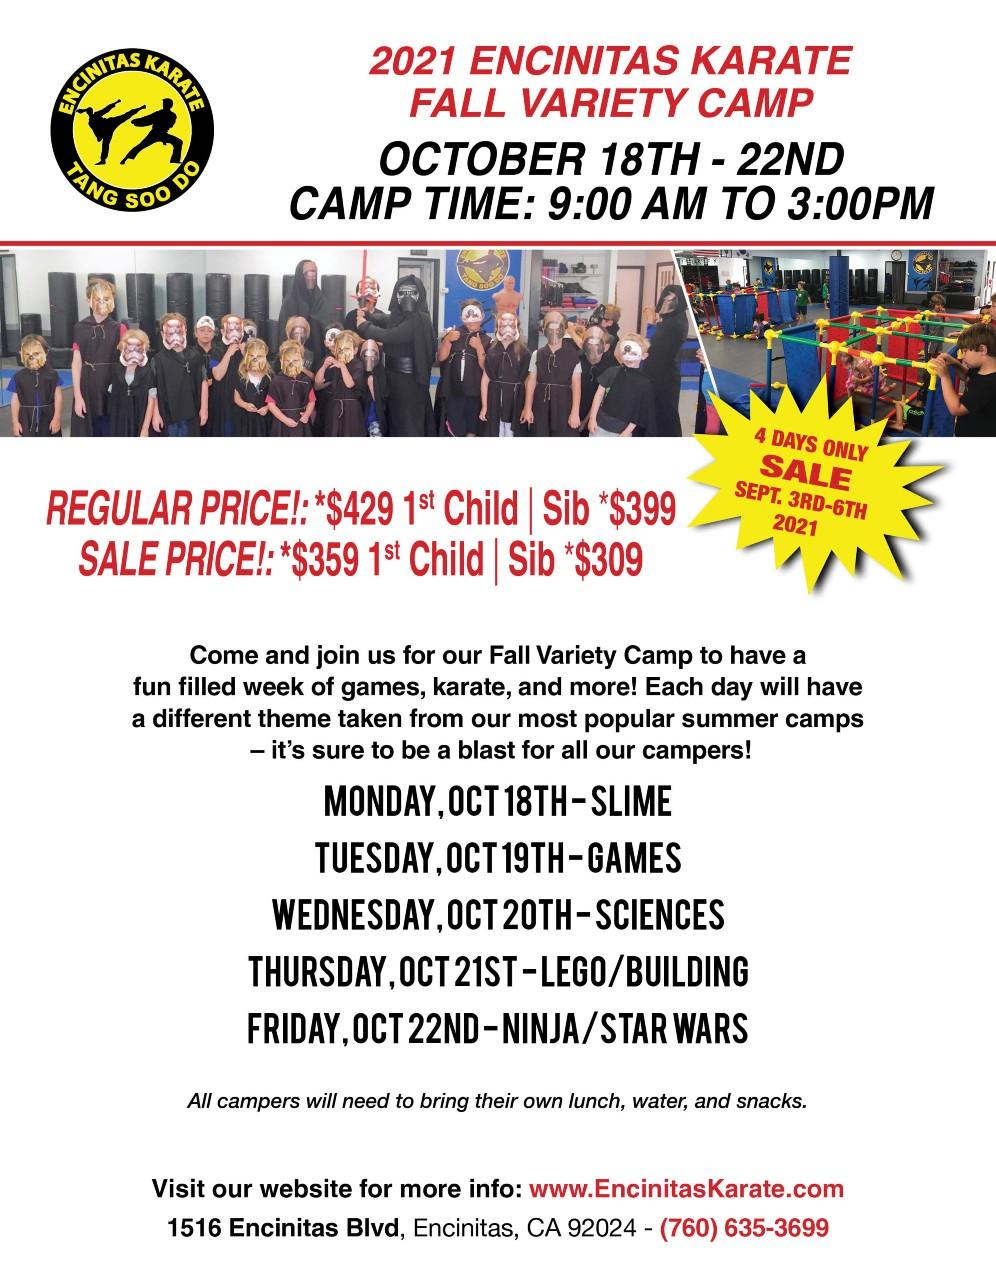 Fall Karate Variety Camp 2021